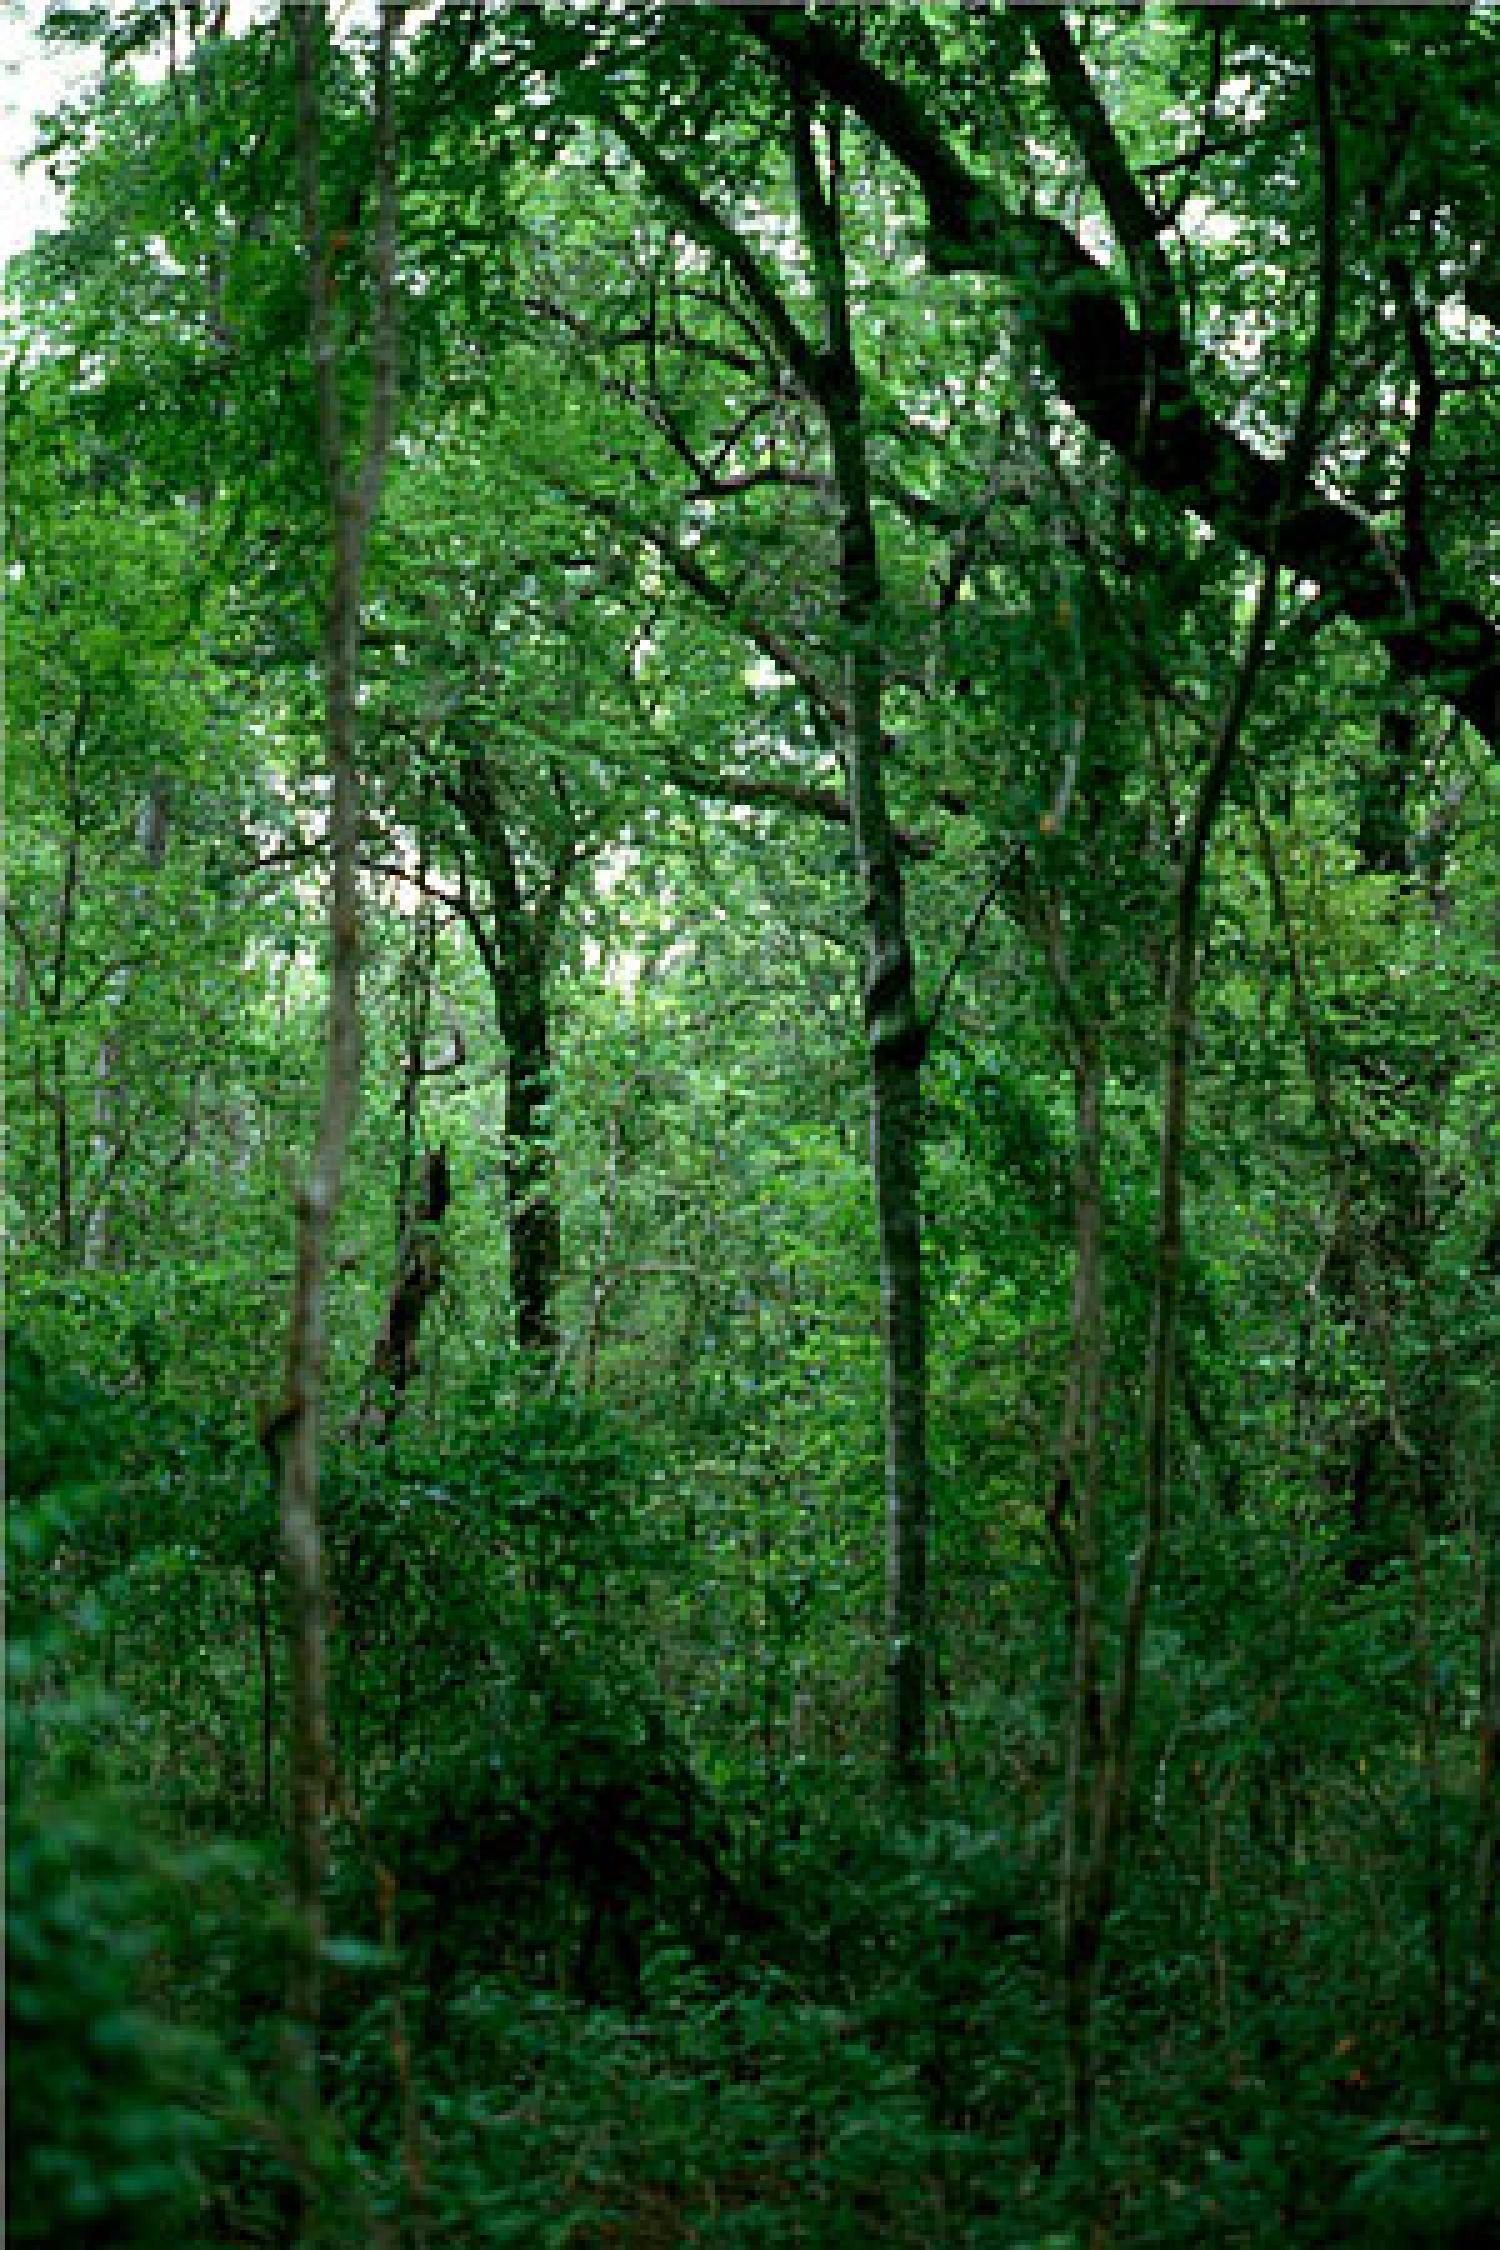 ravine forest